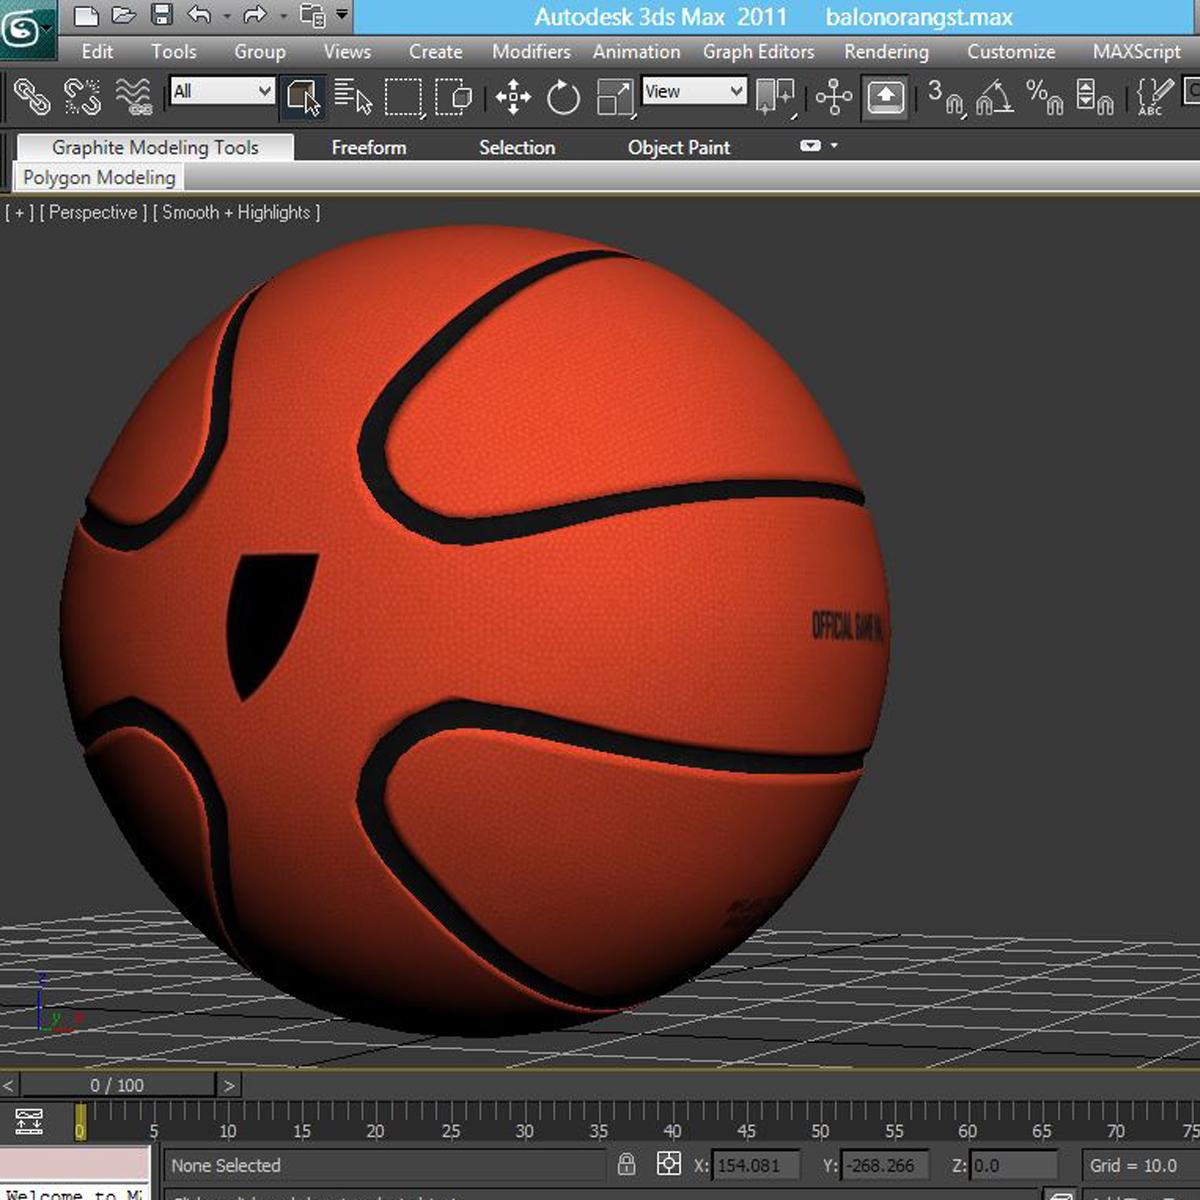 košarkaška lopta zvijezda narančasta 3d model 3ds max fbx c4d ma mb obj 165726